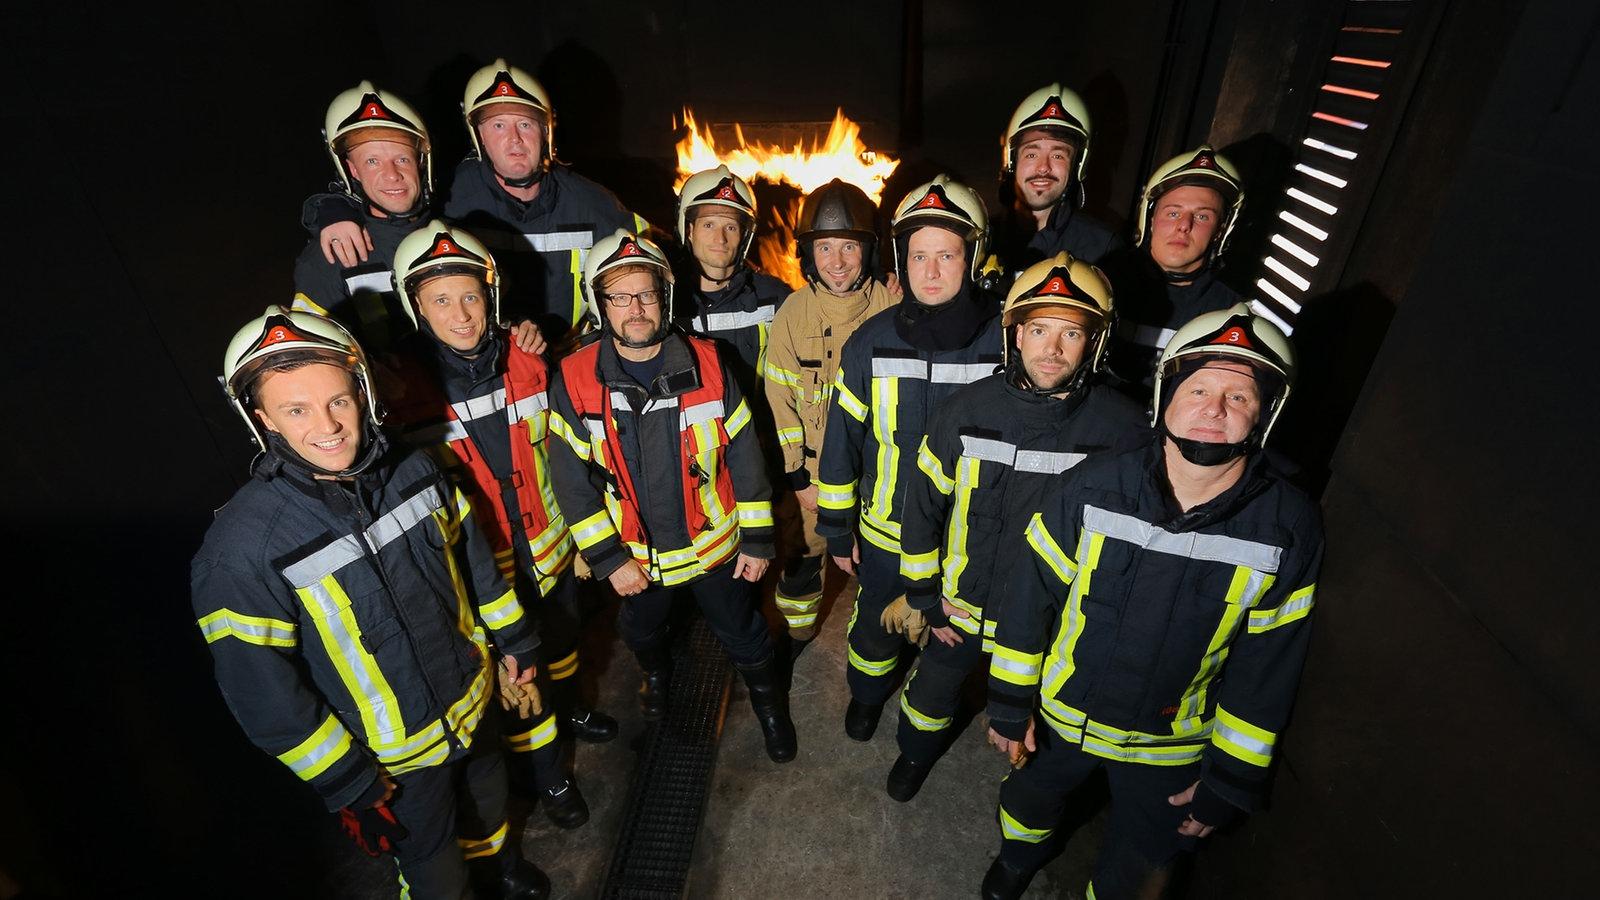 Feuer Und Flamme Wdr Staffel 2